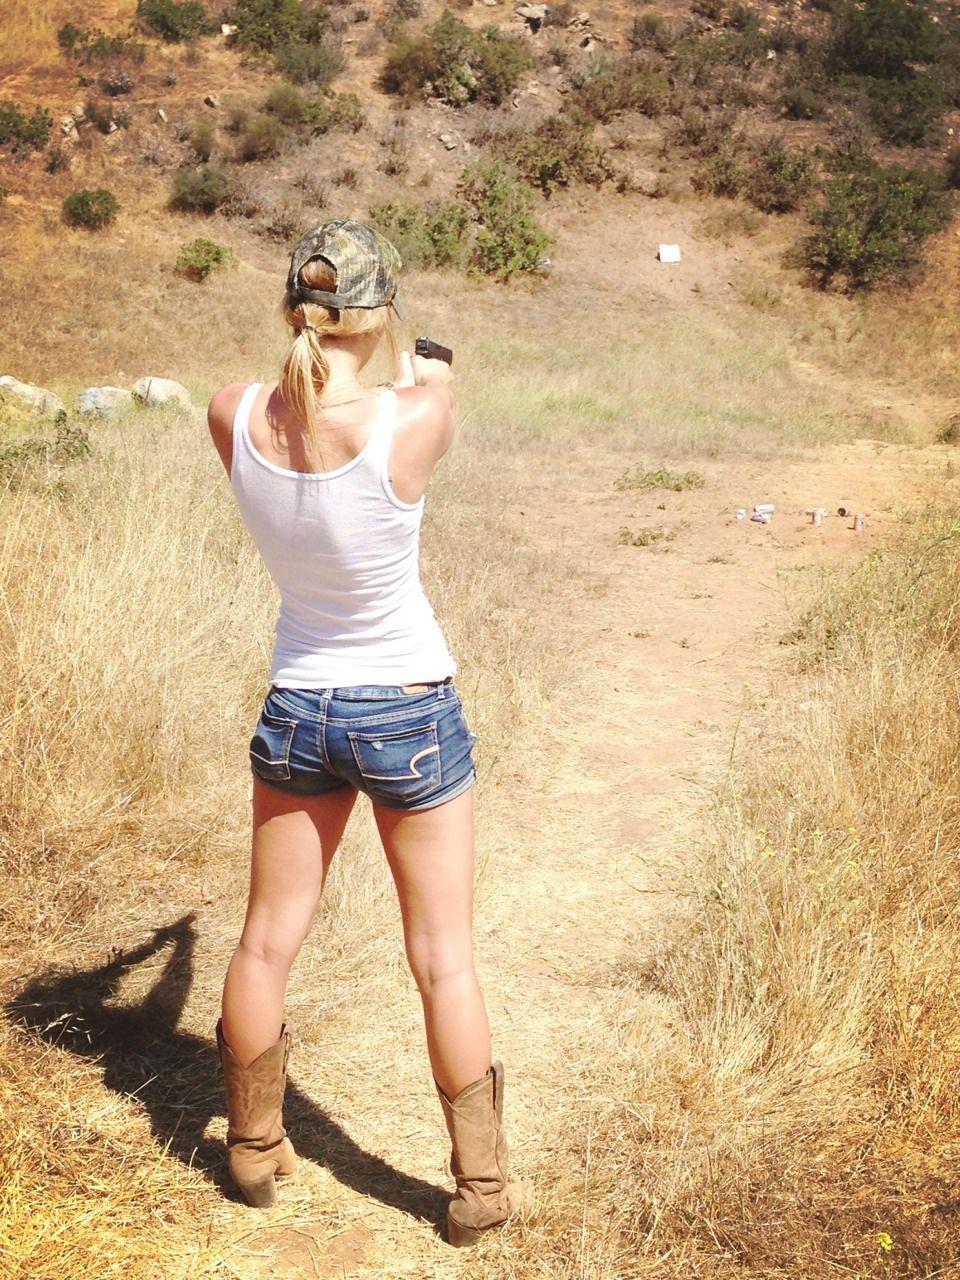 Tako je Country Outfitter prilepil mojo sliko, ki sem jo objavil na Tumblr Thats Pretty Sweet My-8272